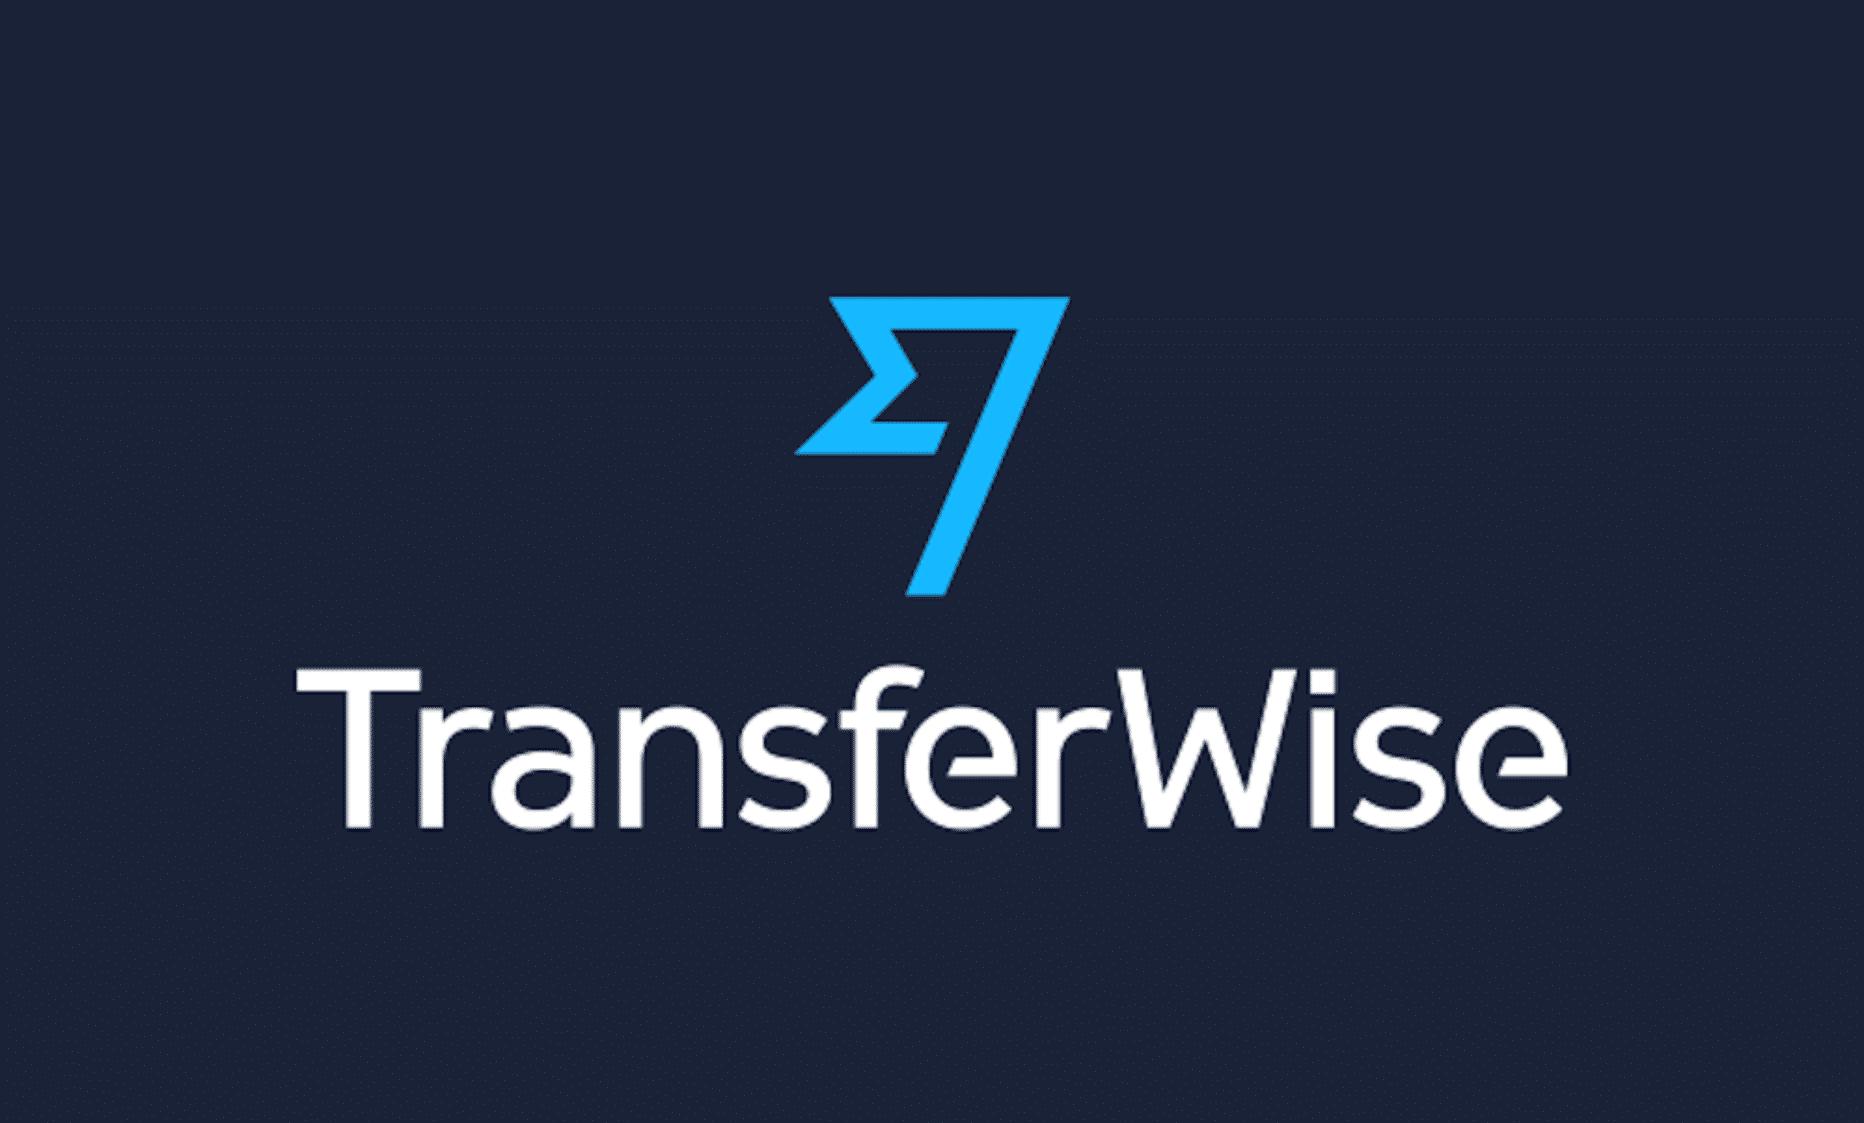 transferwise come funziona - Transferwise come funziona - Transferwise, come funziona